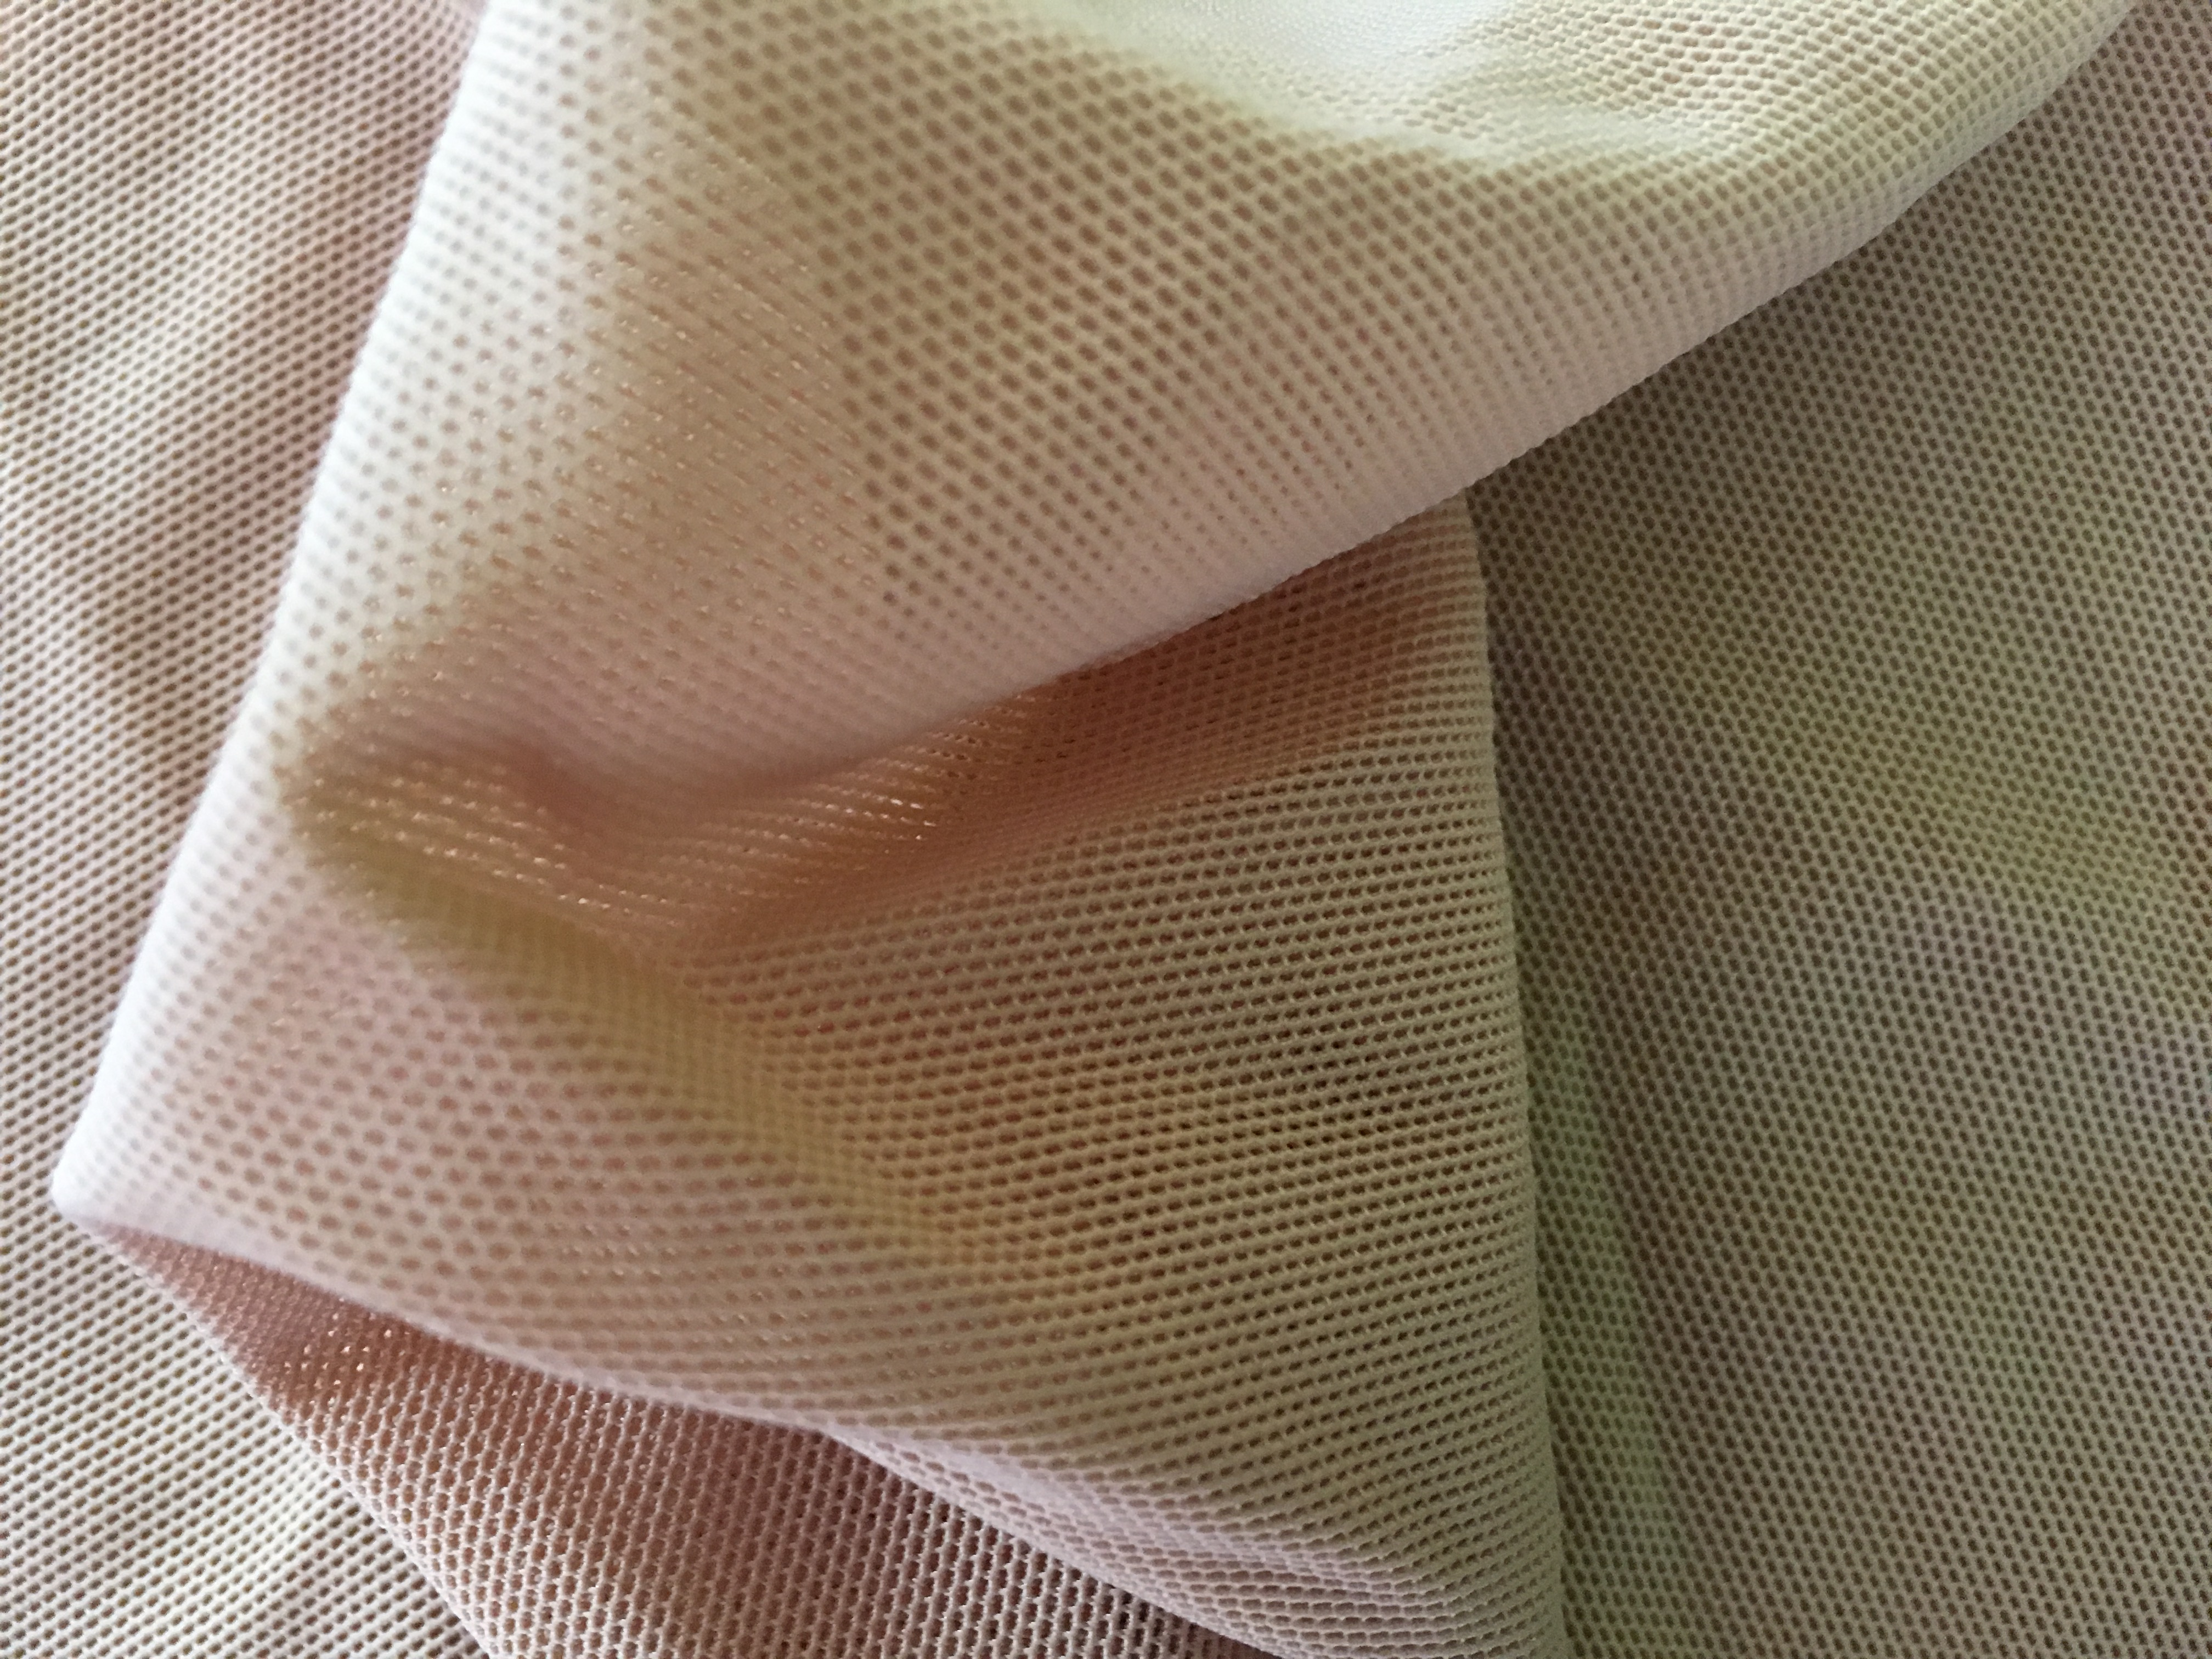 Haut-farbener Chiffon dehnbar von Cony's Dance Design sehr gute Qualität